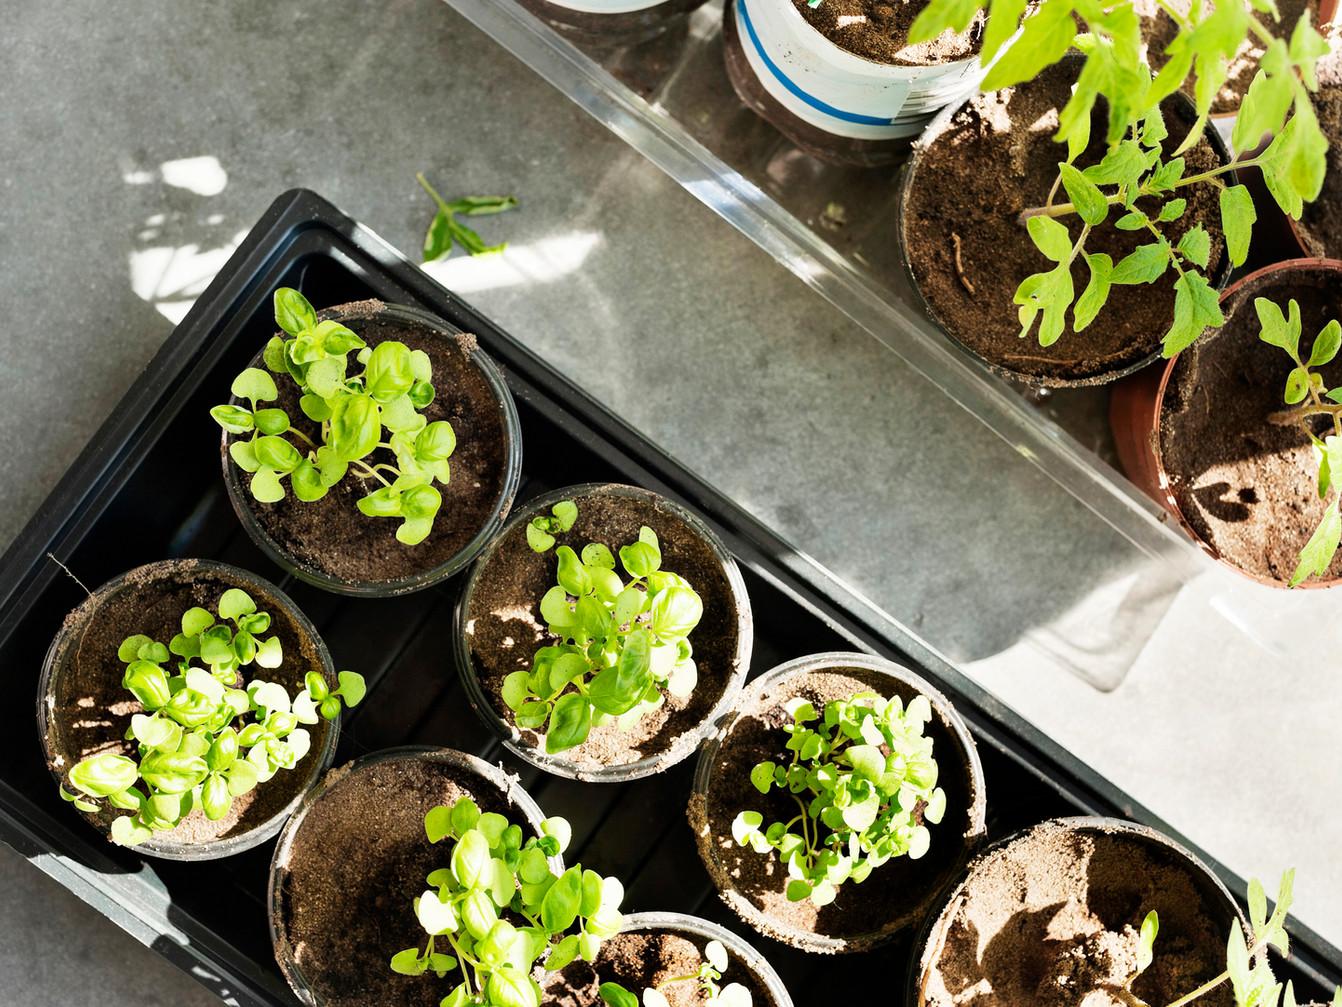 Give un Take Garden Club